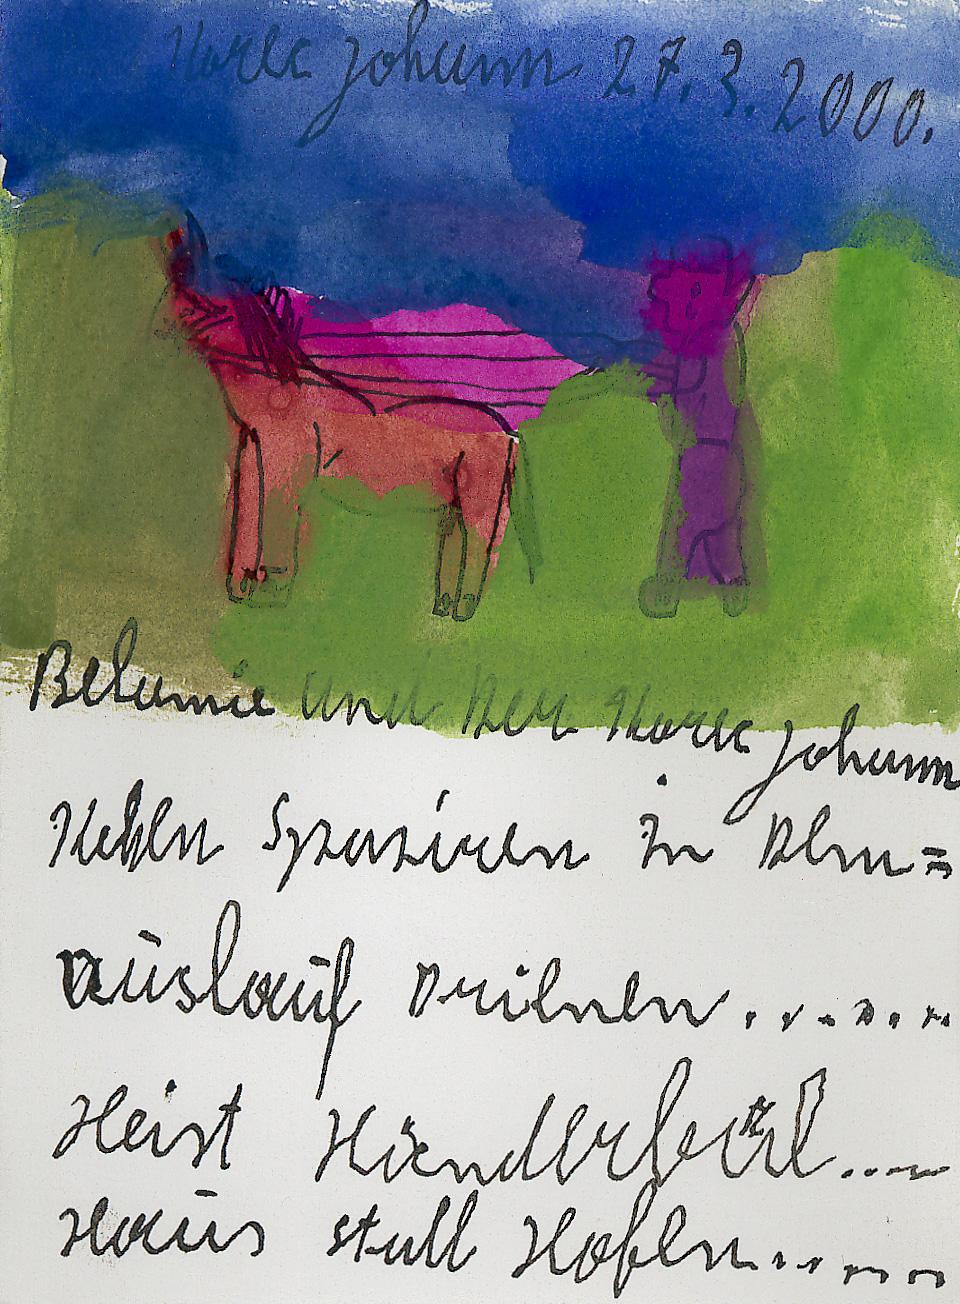 korec johann - Belamie und der Korec ... / Belamie and the Korec